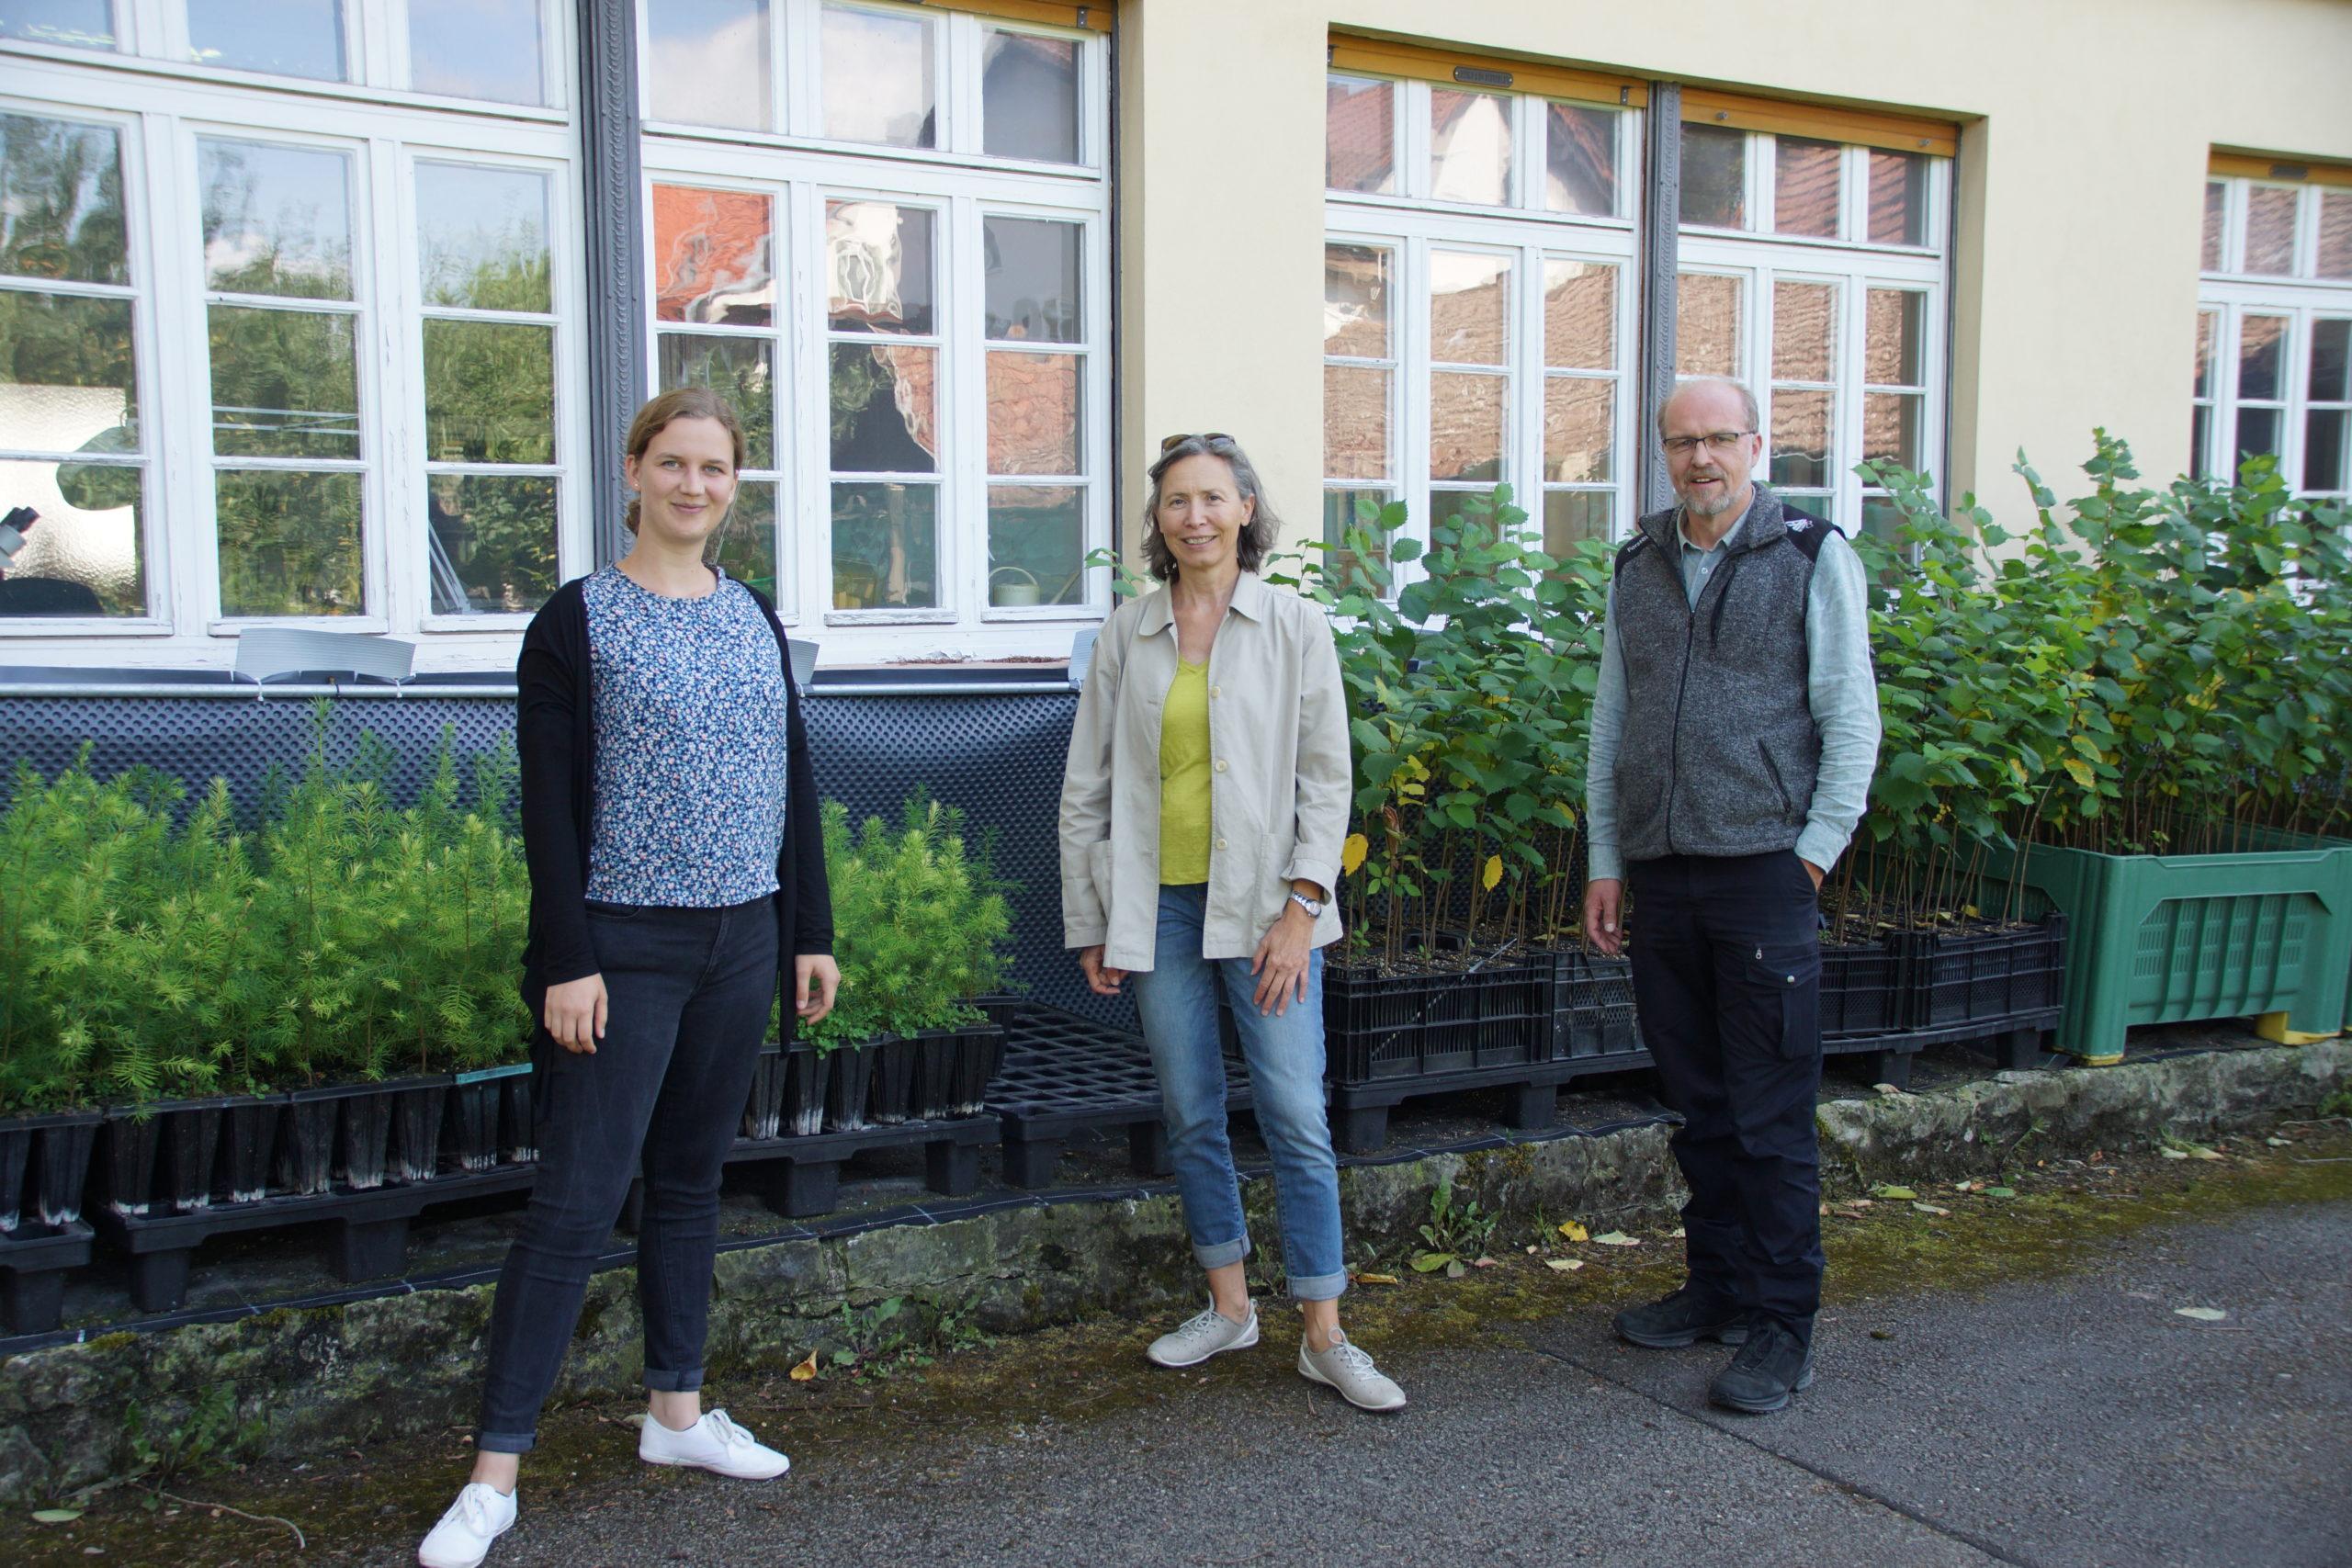 Bundestagskandidatin Sara Haug in Nagold zu Besuch